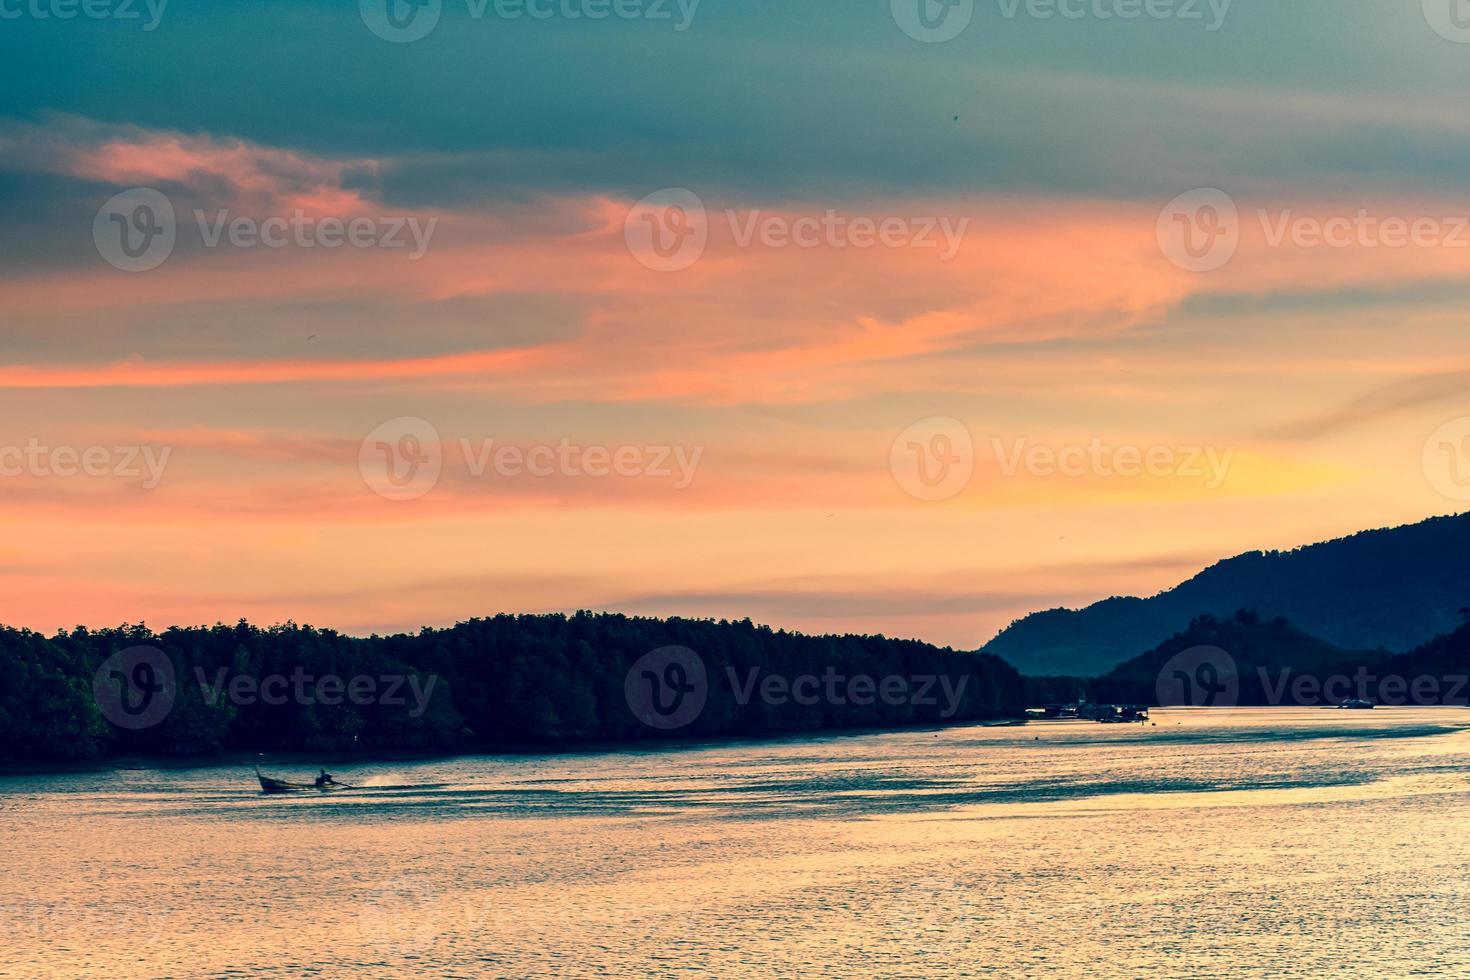 Sonnenuntergang über einem Ozean mit Bergen foto